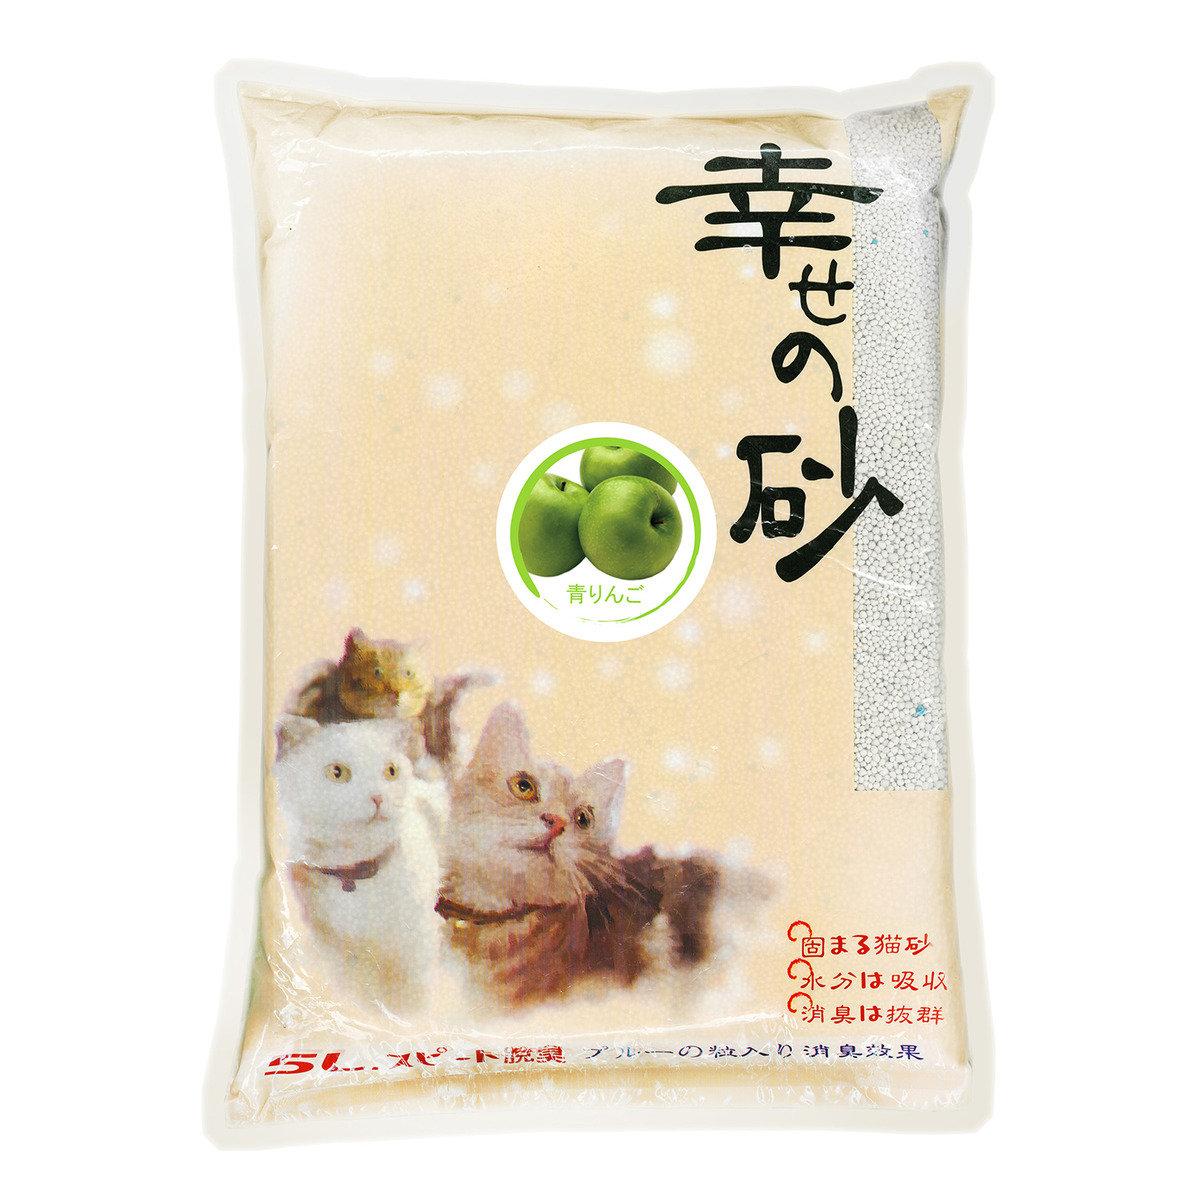 圓粒型膨潤土砂 (青蘋果味) 5L